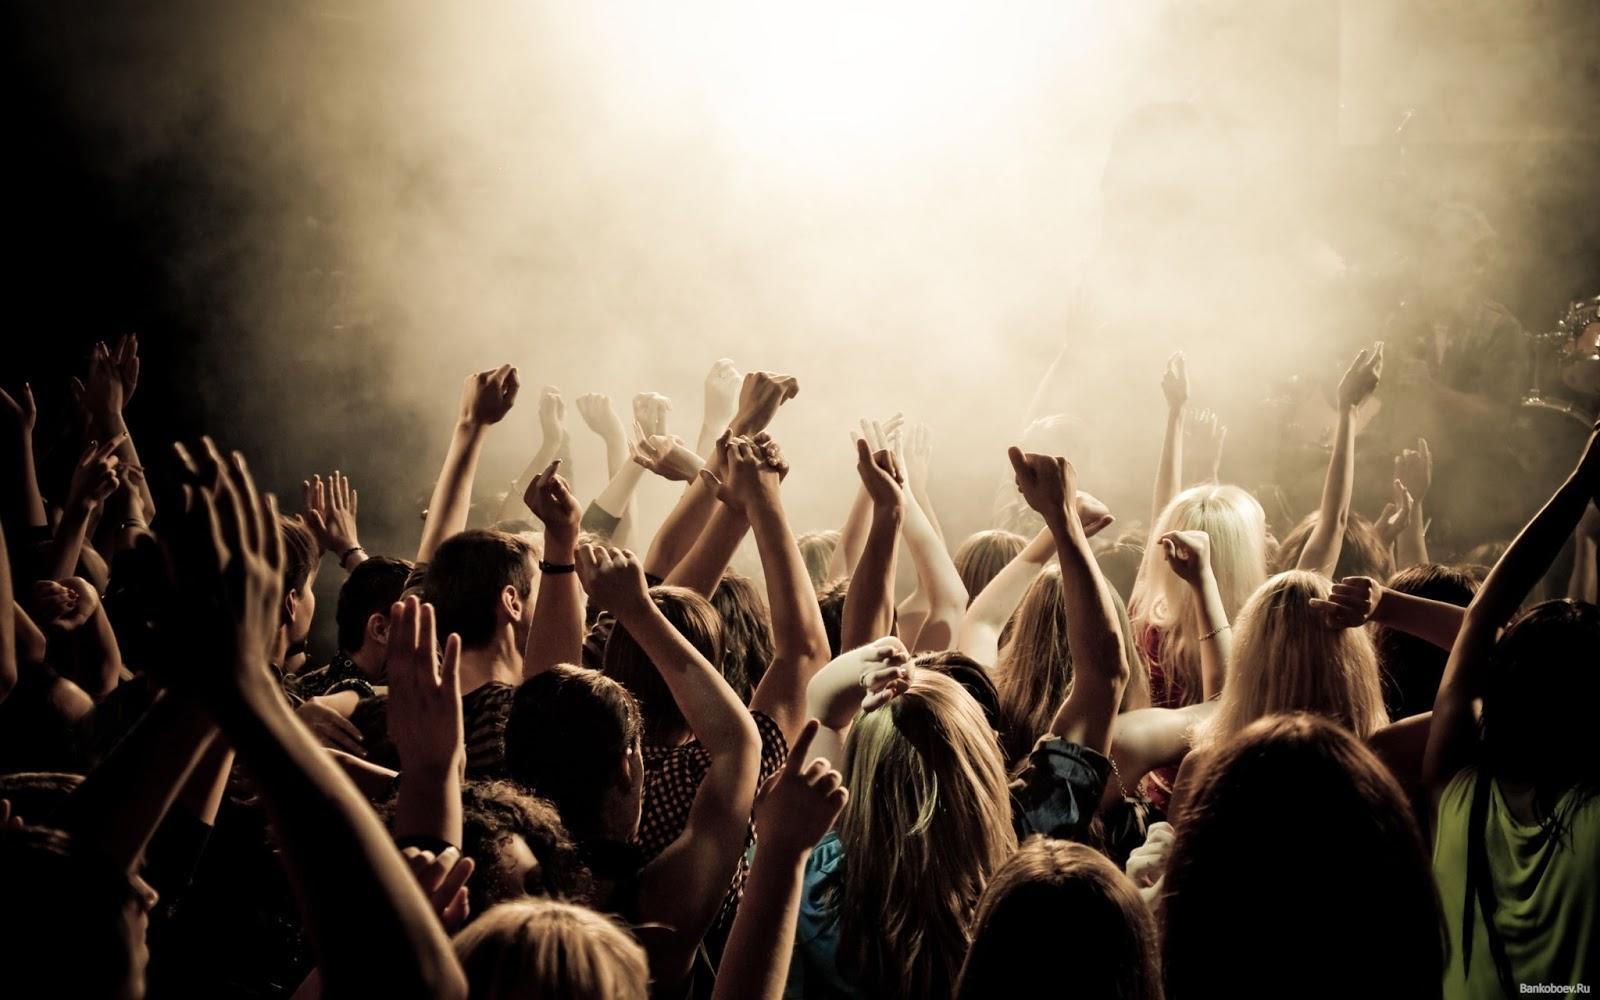 Я люблю дискотеки и танцы